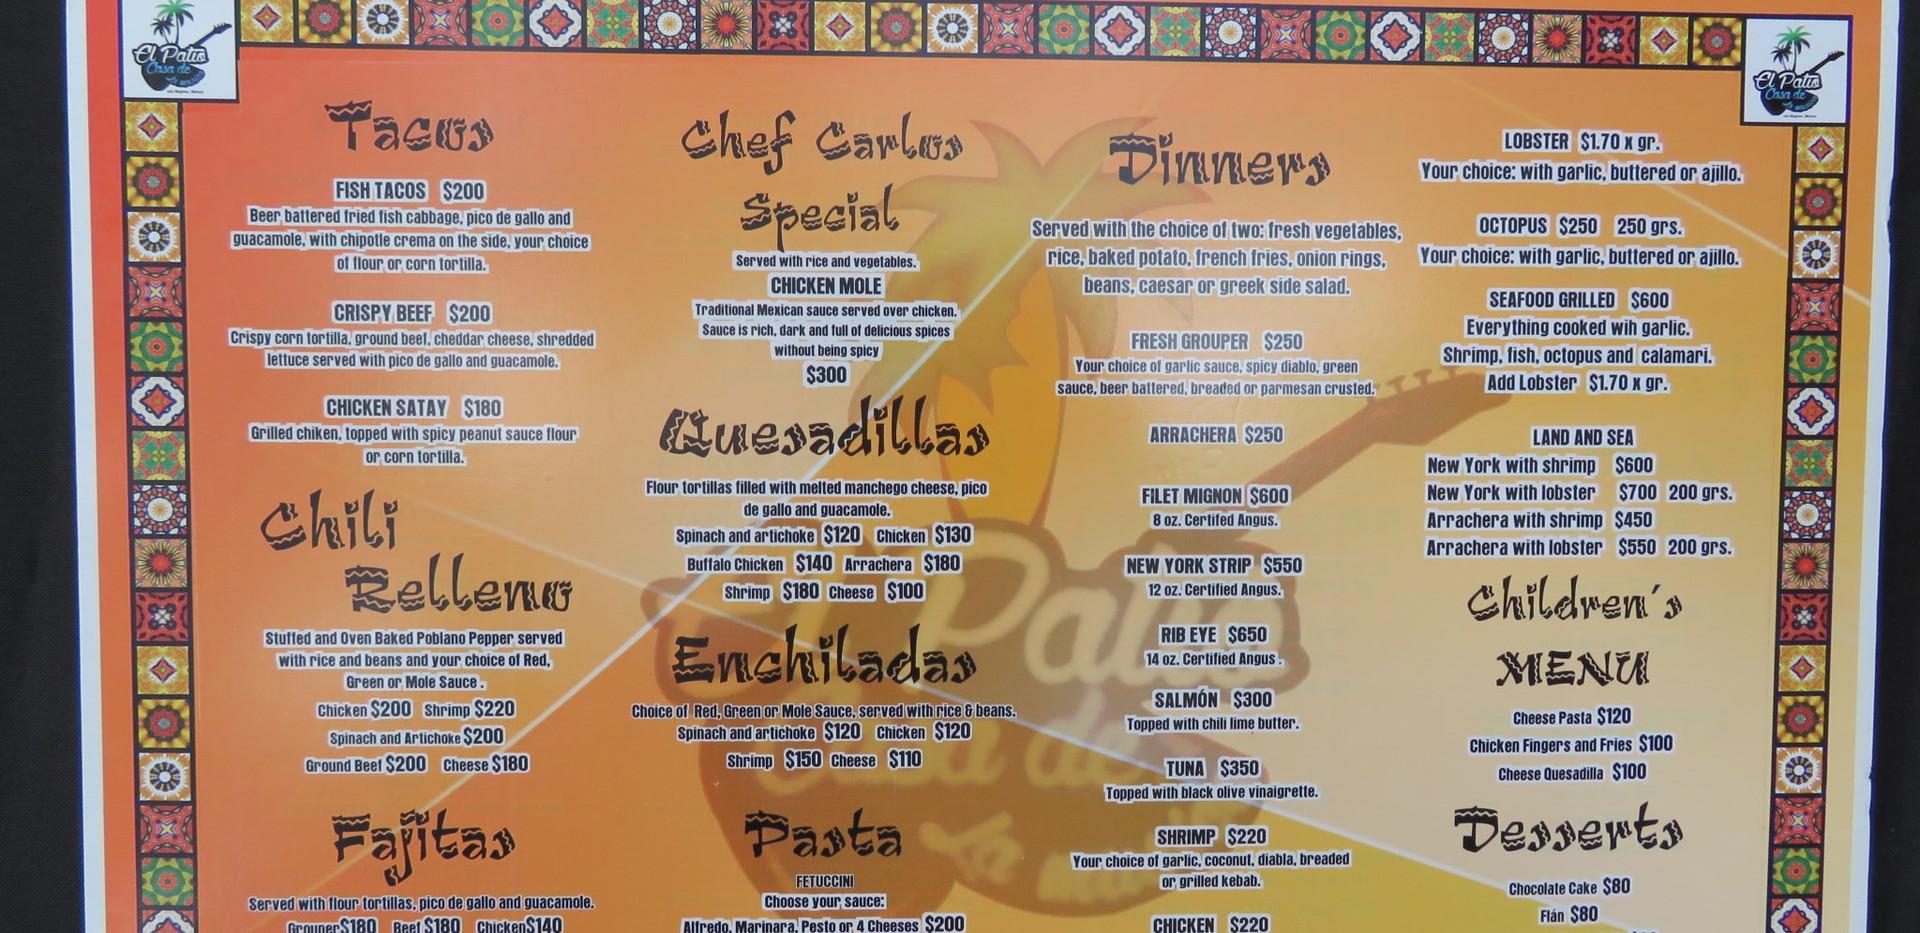 ElPatio121-tasteofisla-islamujeres-food-